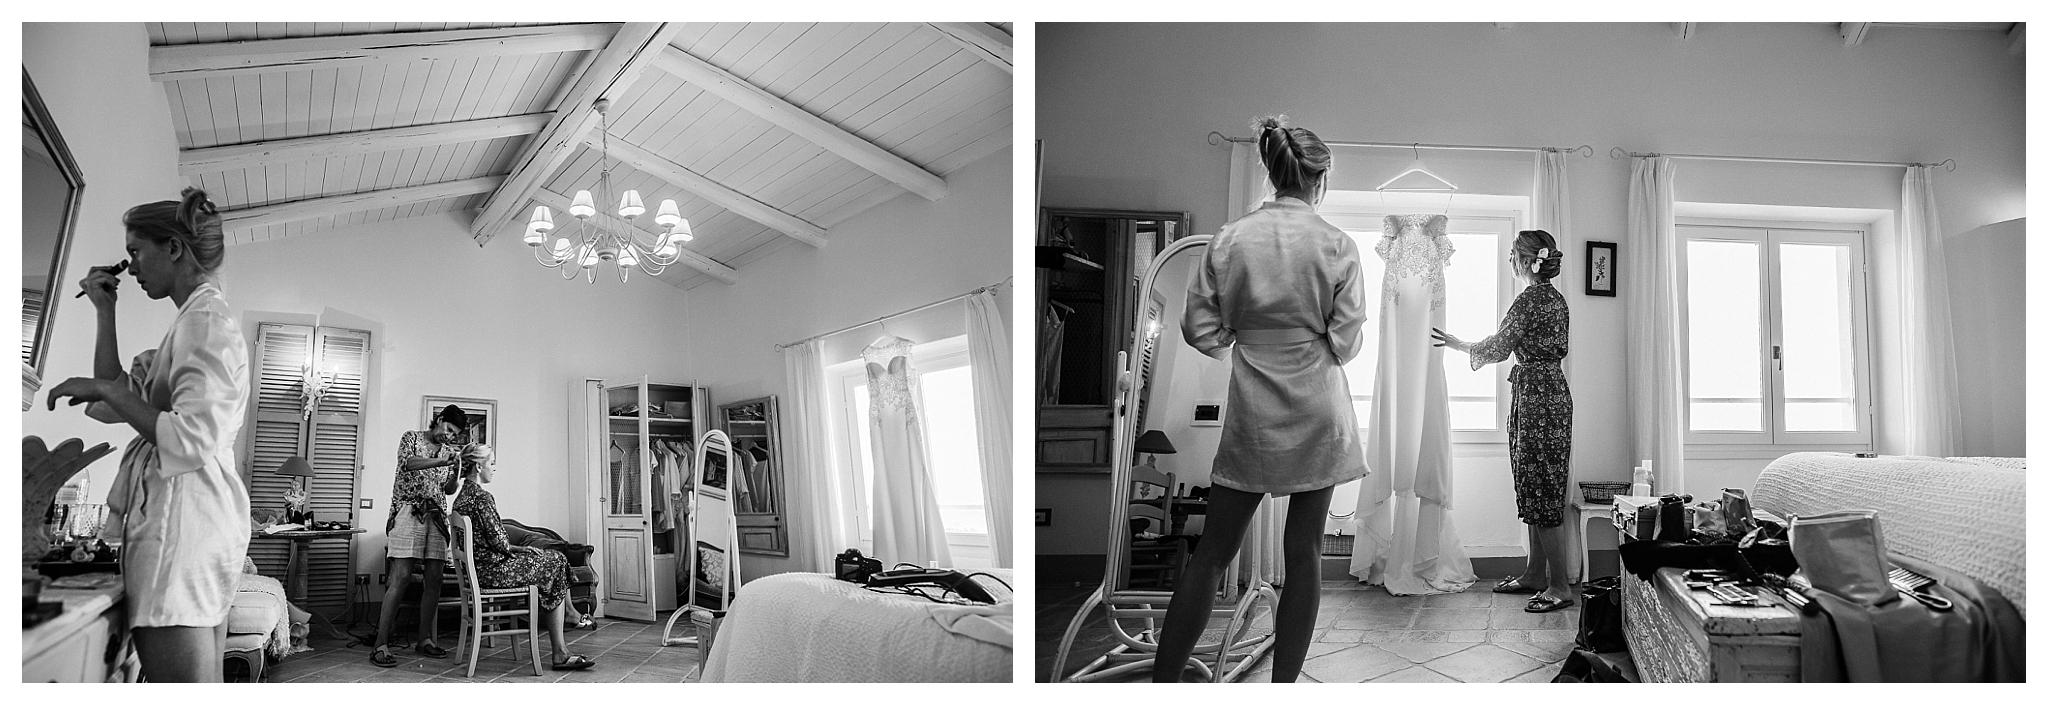 Bride getting ready for her wedding in the bridal suite at La Villa Hotel, Mombaruzzo